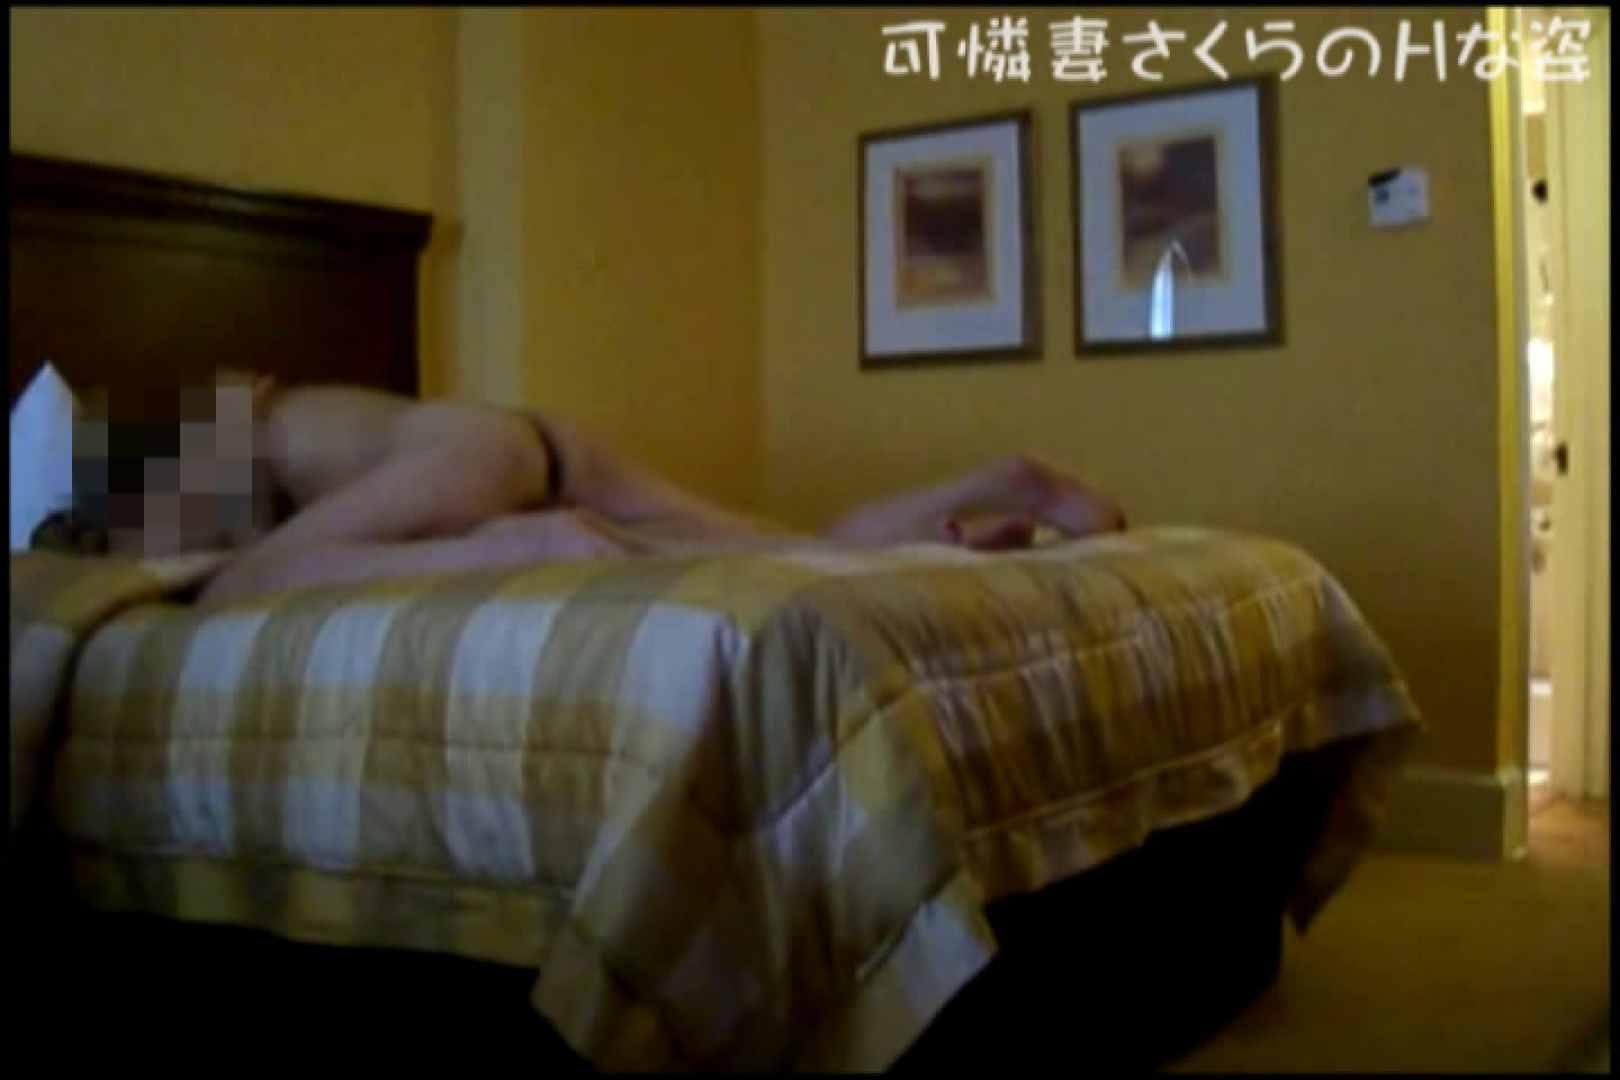 可憐妻さくらのHな姿vol.9前編 熟女  82連発 71